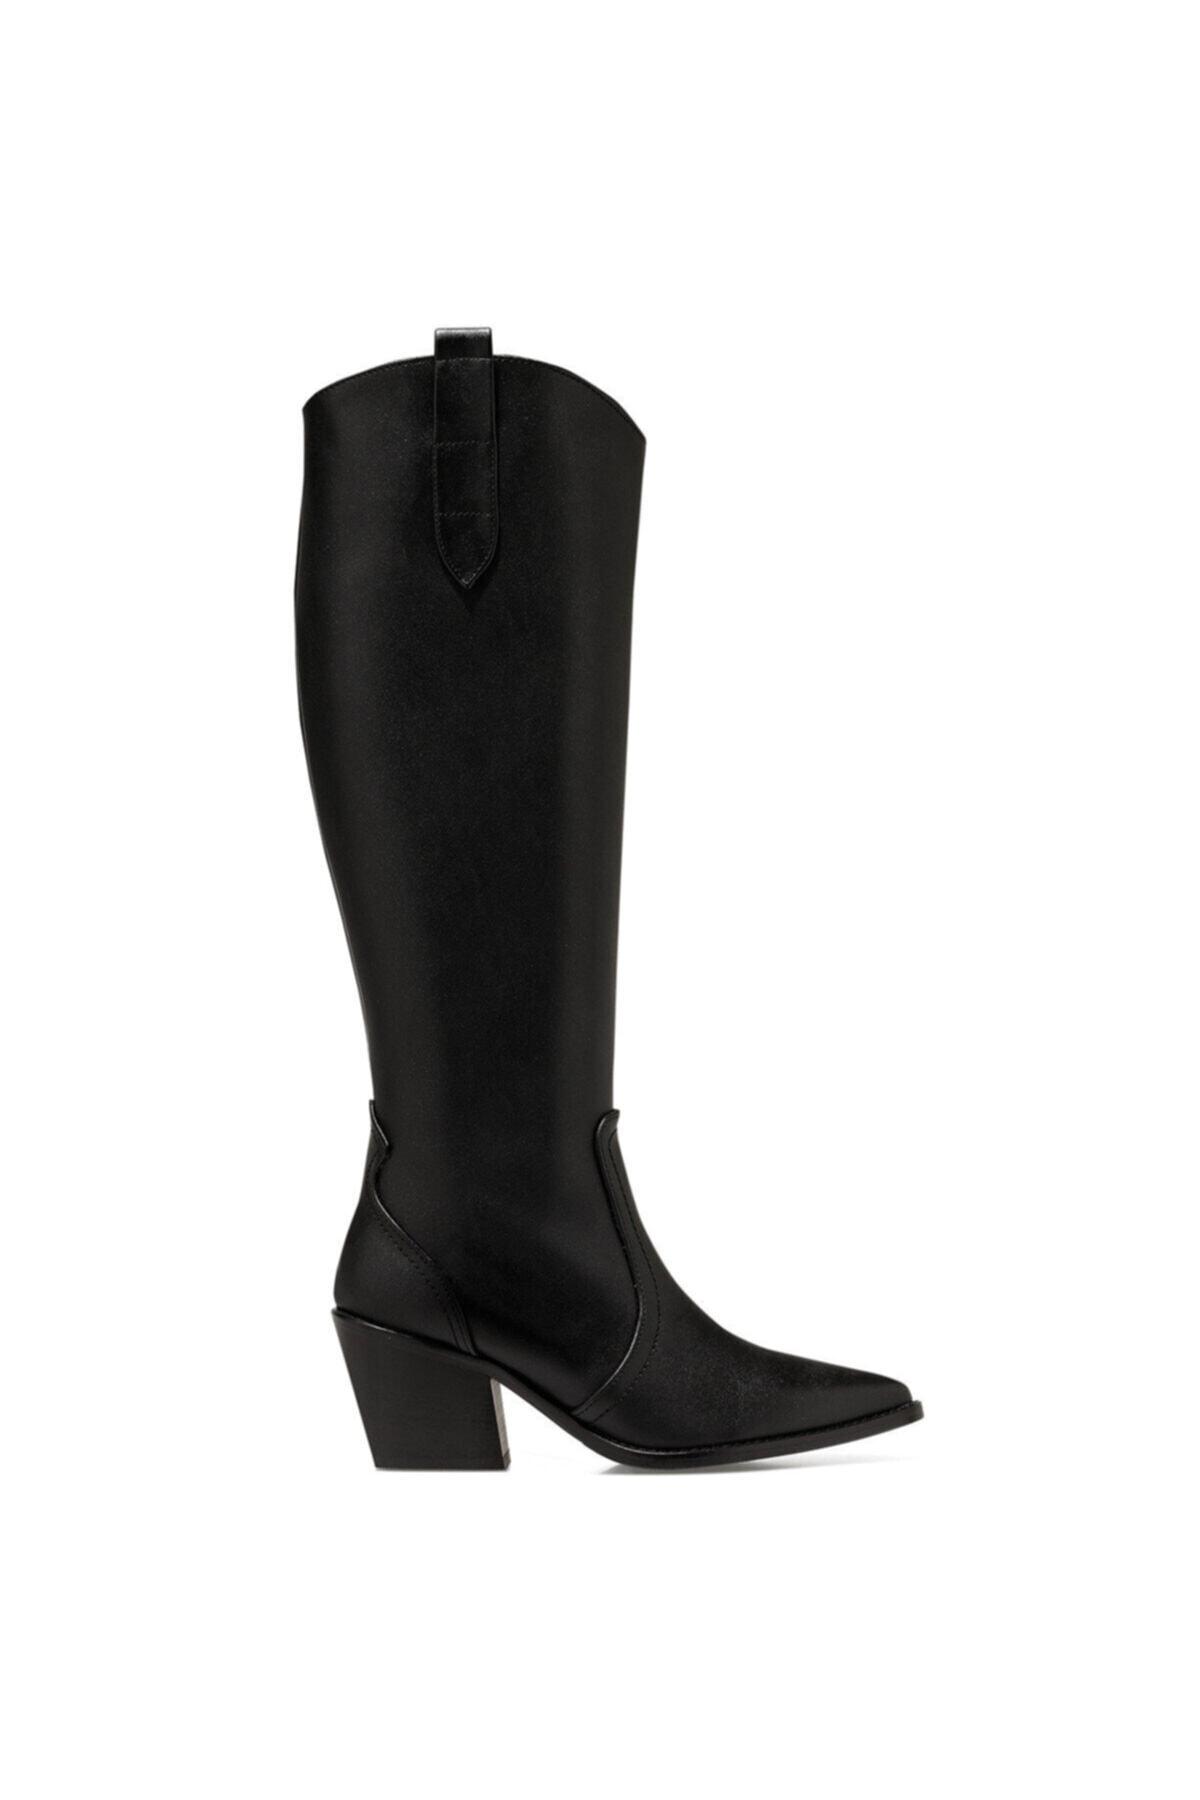 Nine West VINCENZA Siyah Kadın Ökçeli Çizme 100555812 1